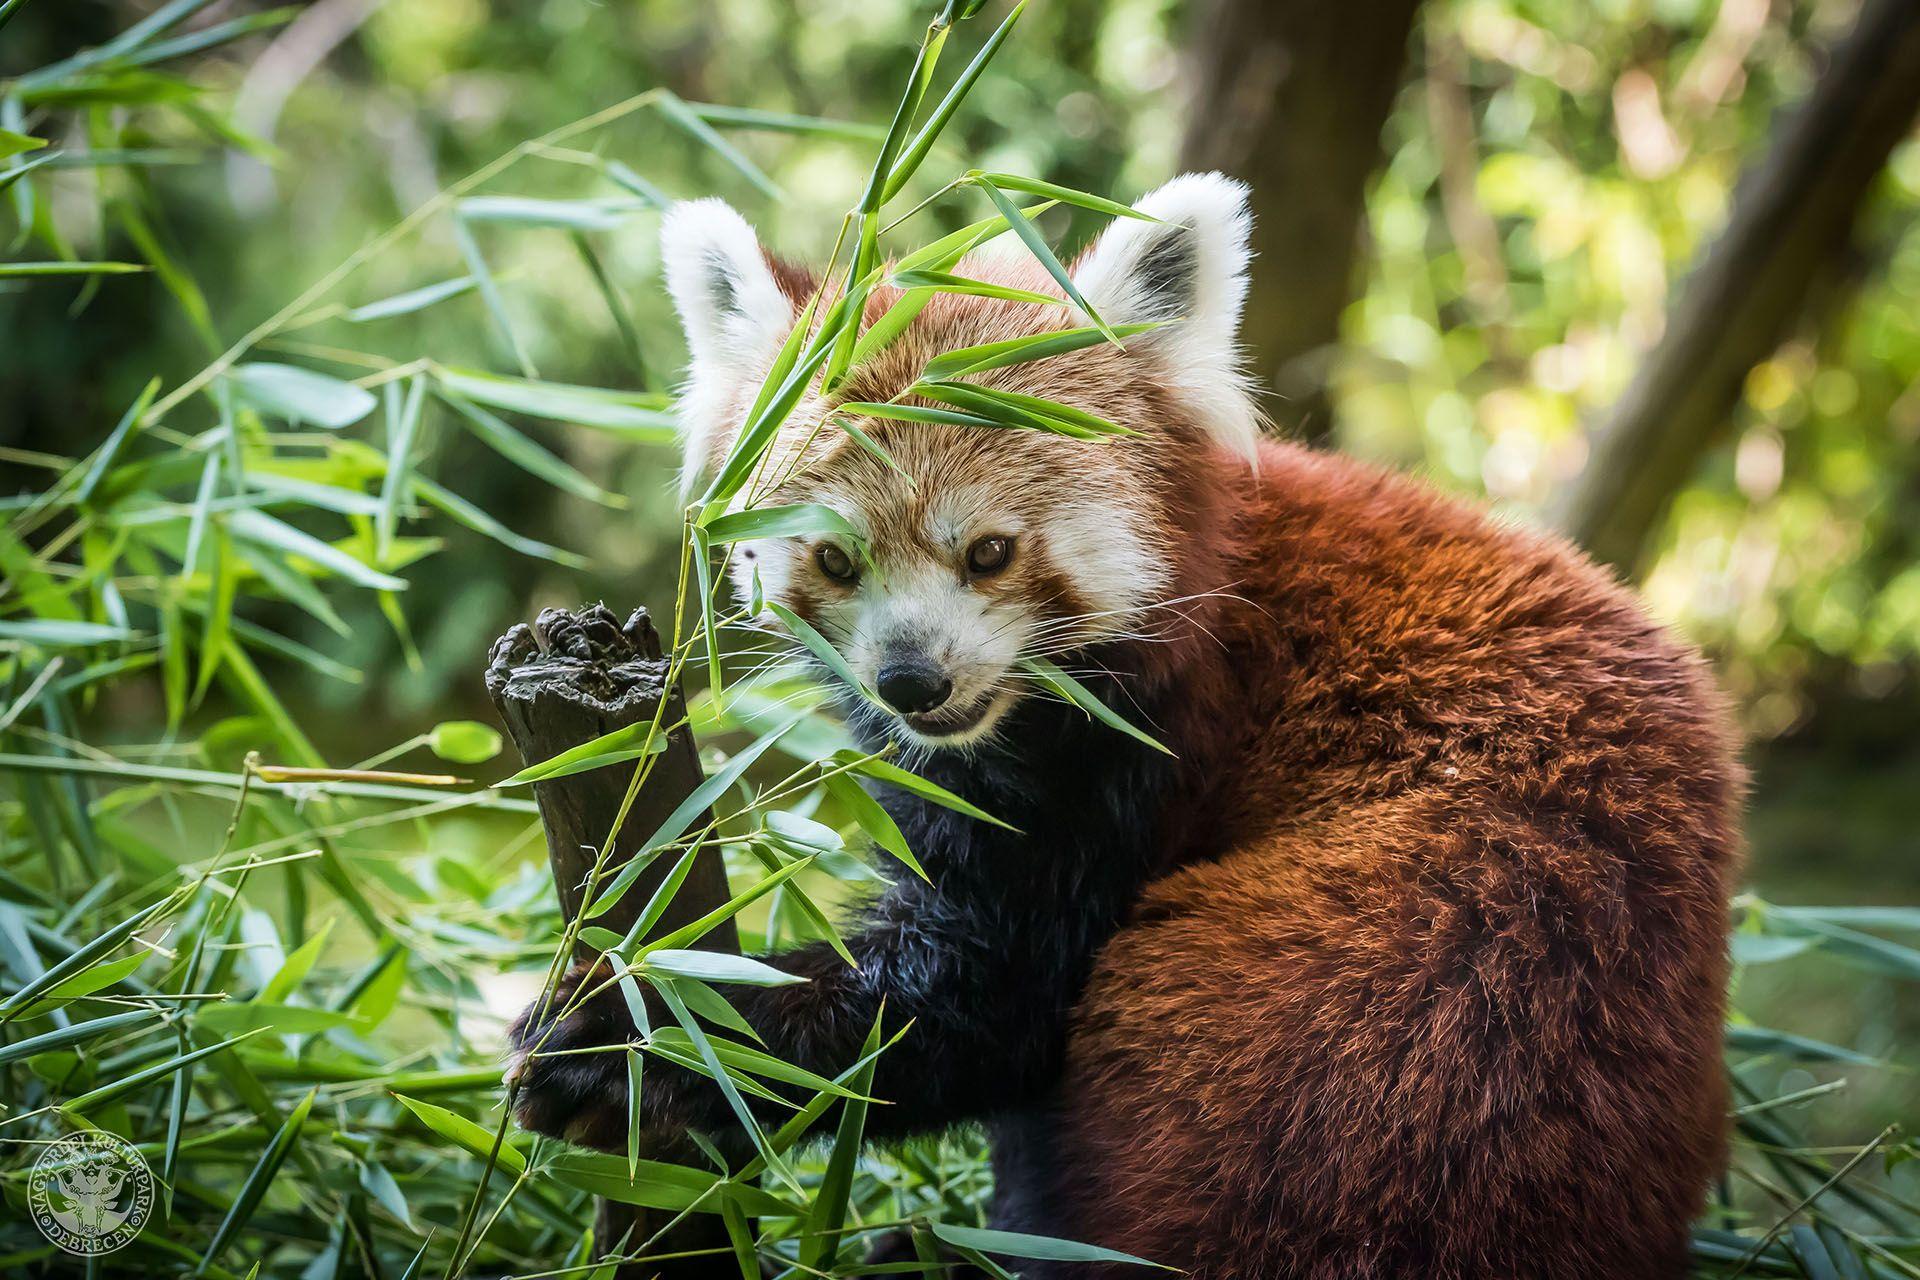 Szombaton a vörös pandákat ünneplik a Debreceni Állatkertben!